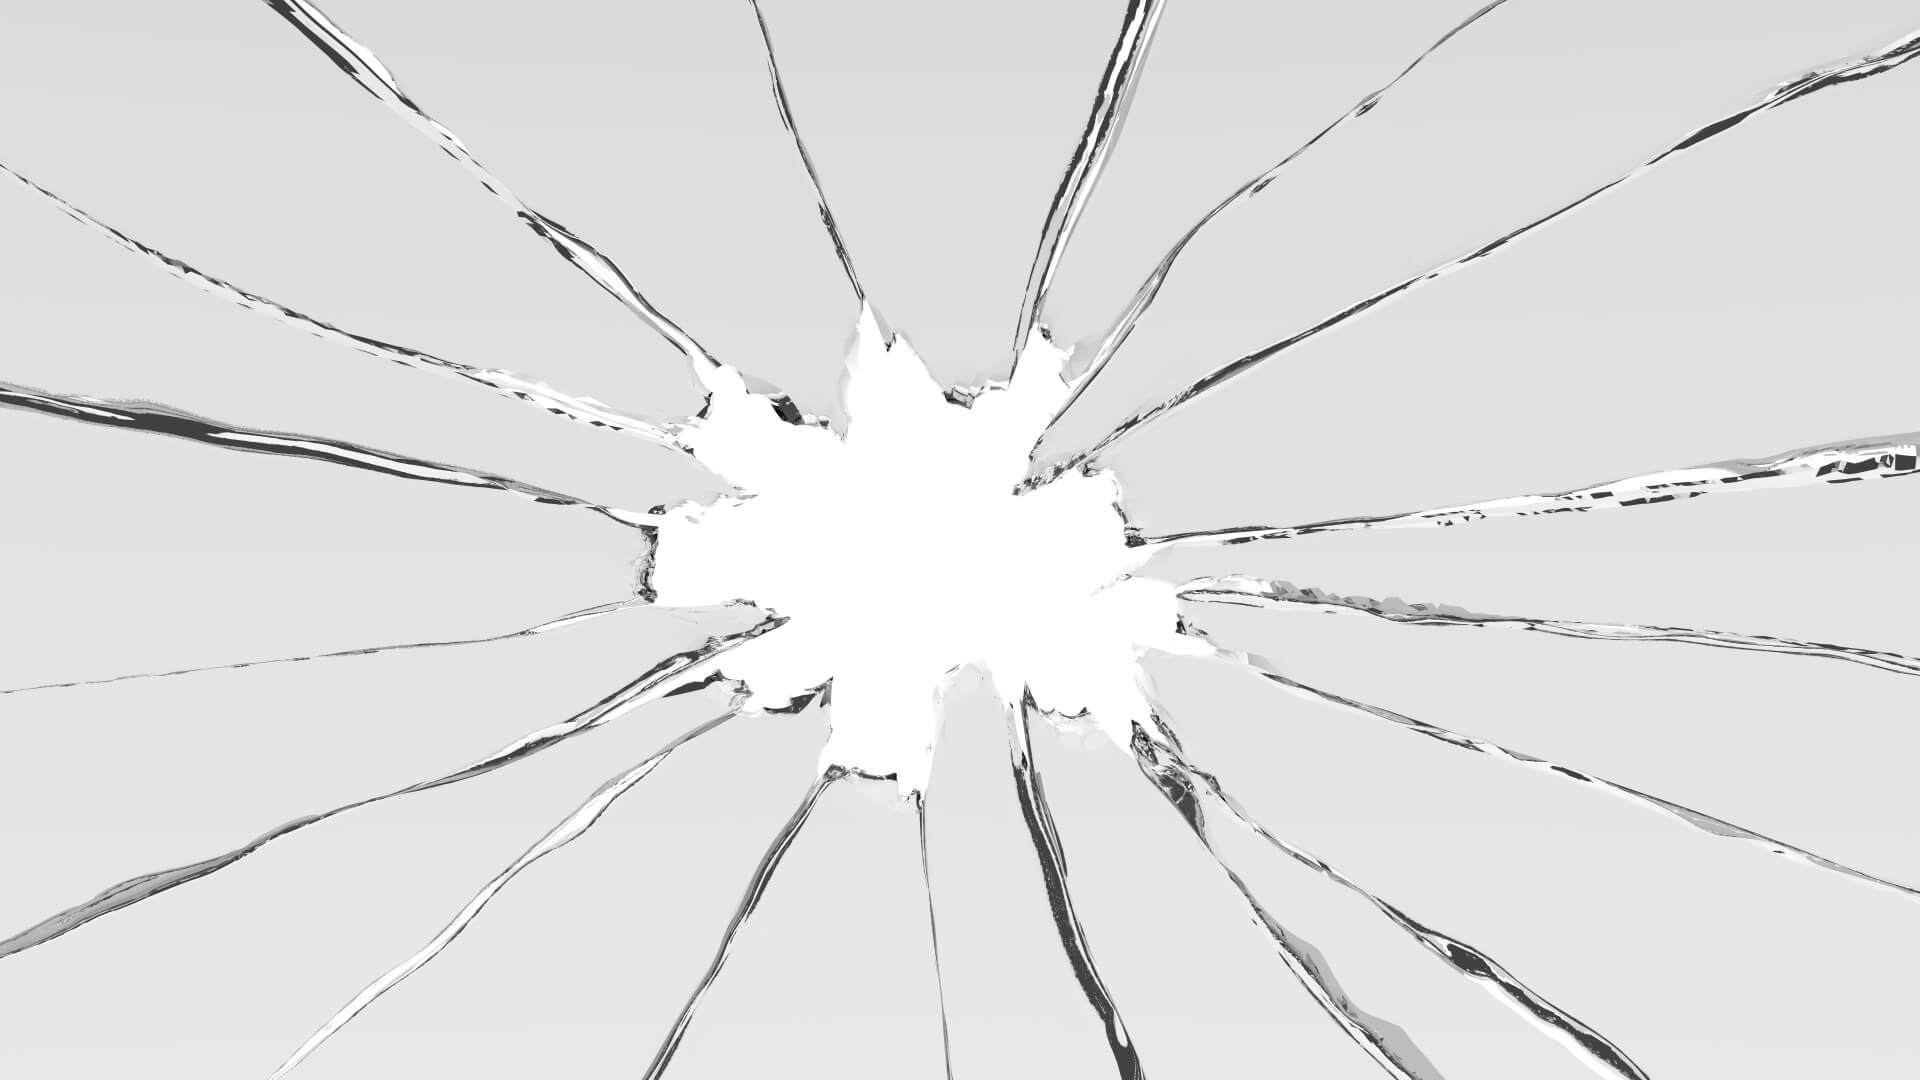 ドアのガラス破損を放置するのは危険